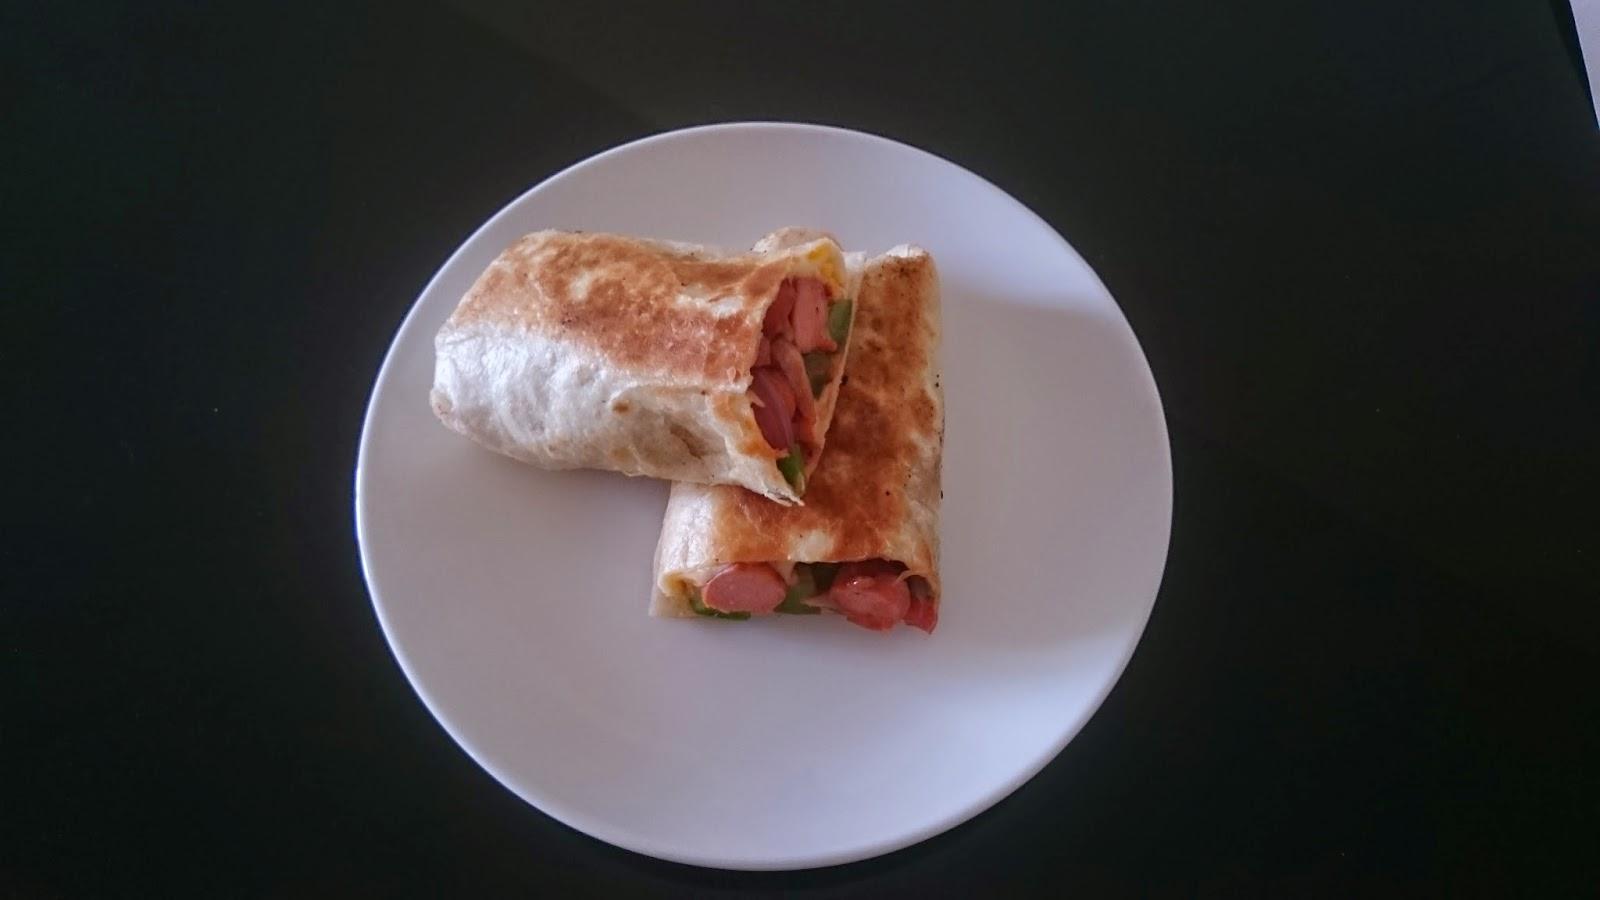 Sausage wrap